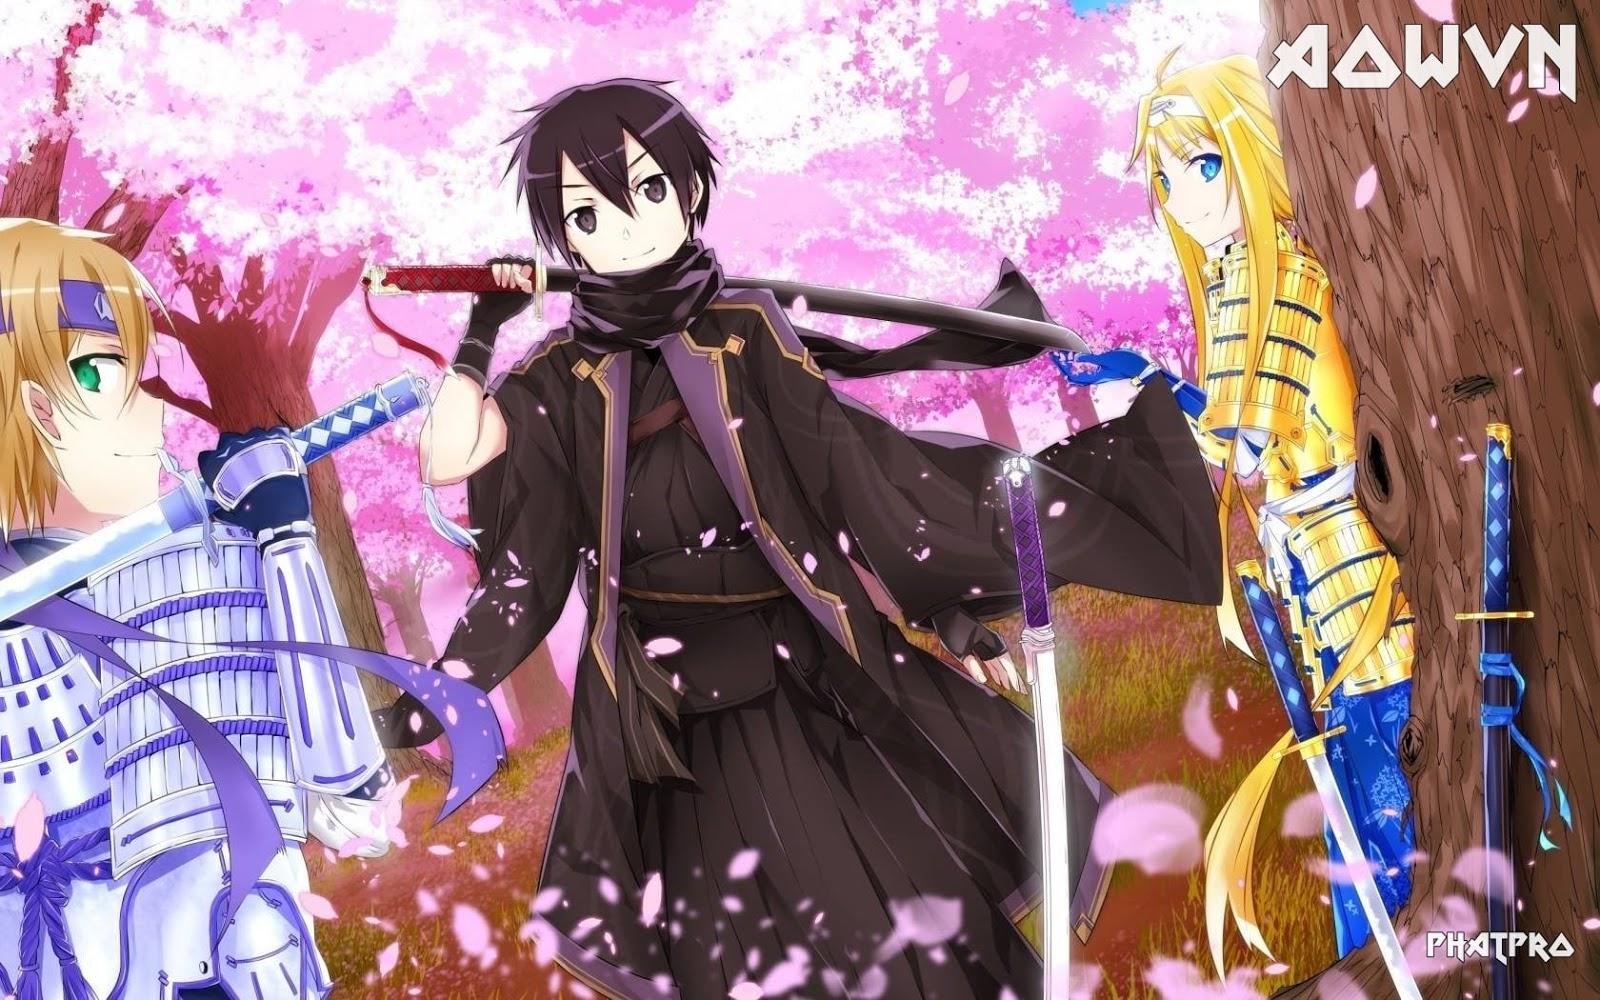 SAO%2B %2BPhatpro min - [ Anime 3gp Mp4 | Ep 20 ] Sword Art Online SS3 : Alicization | Vietsub - Tuyệt Phẩm Tái Xuất - Hành Động Siêu Hay